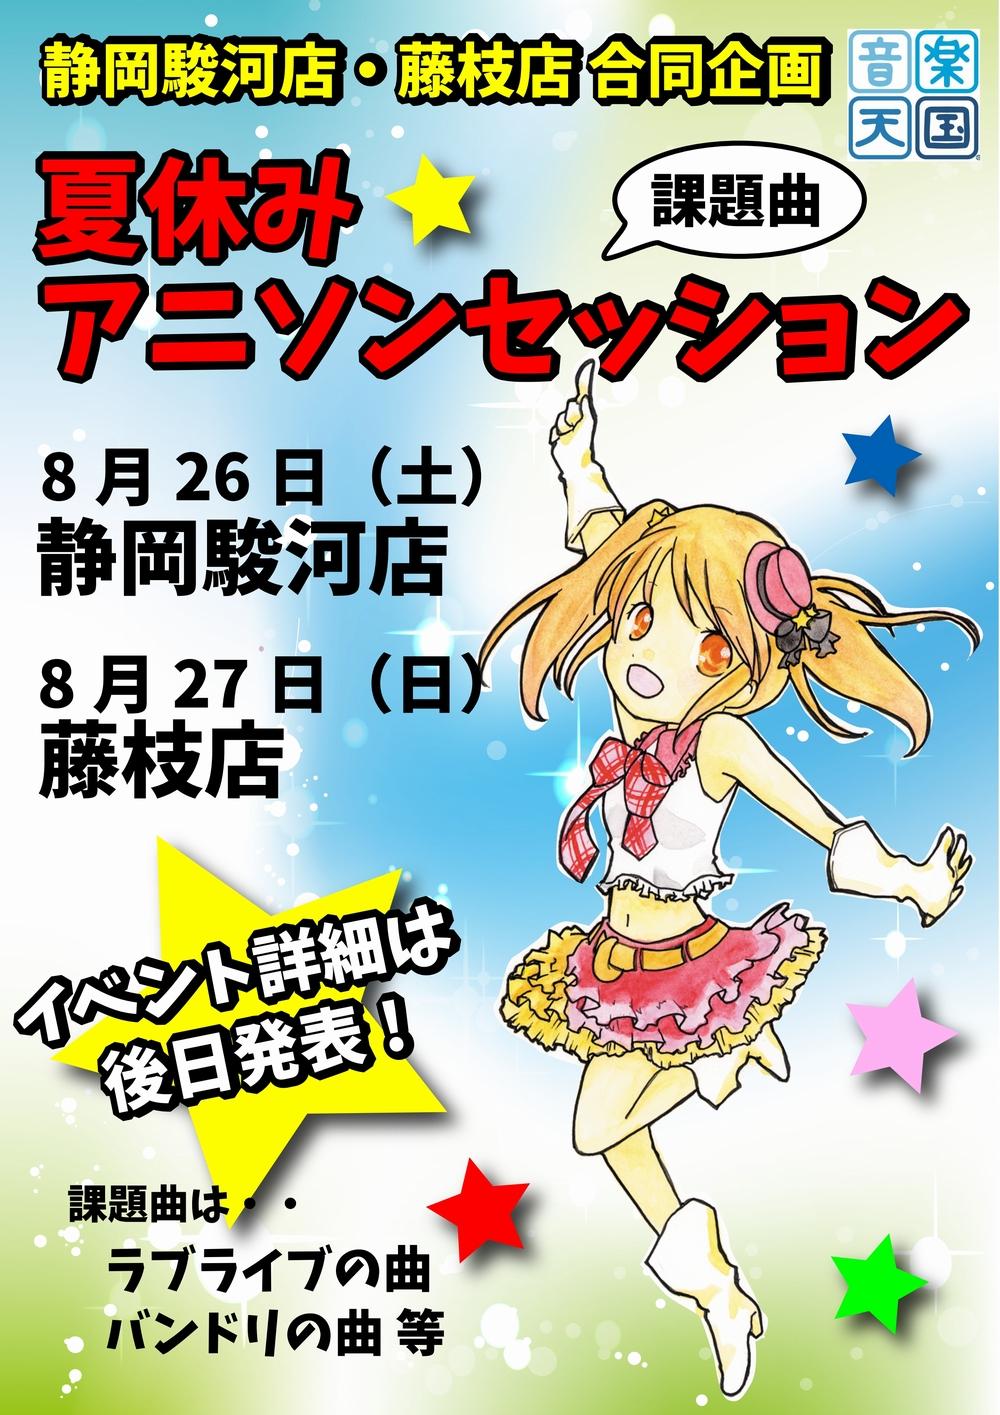 【夏休み・アニソンセッション】音楽天国・藤枝店8月27日(日)開催